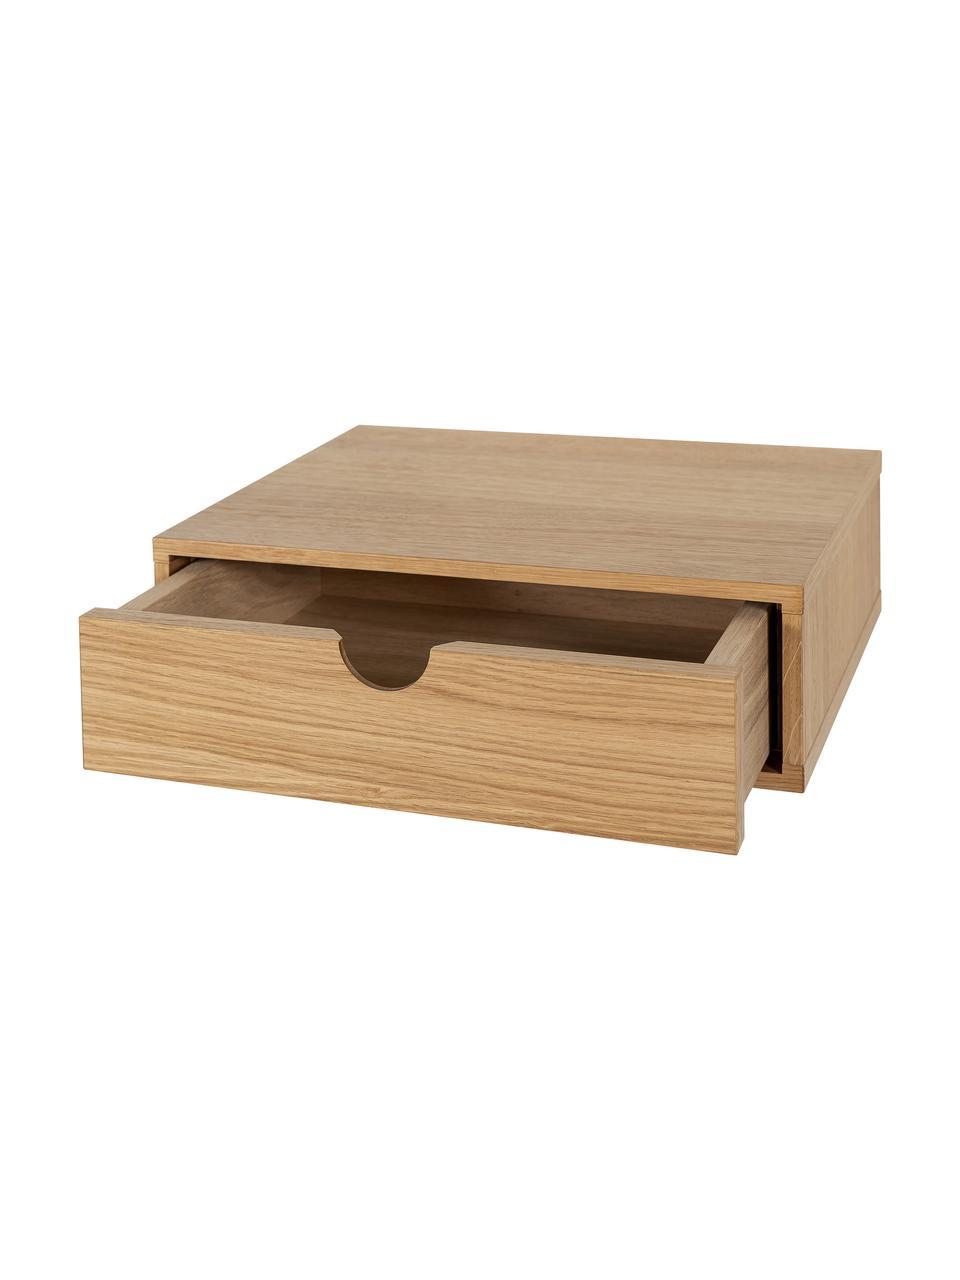 Table de chevet murale en bois, avec tiroir Farsta, Bois de chêne